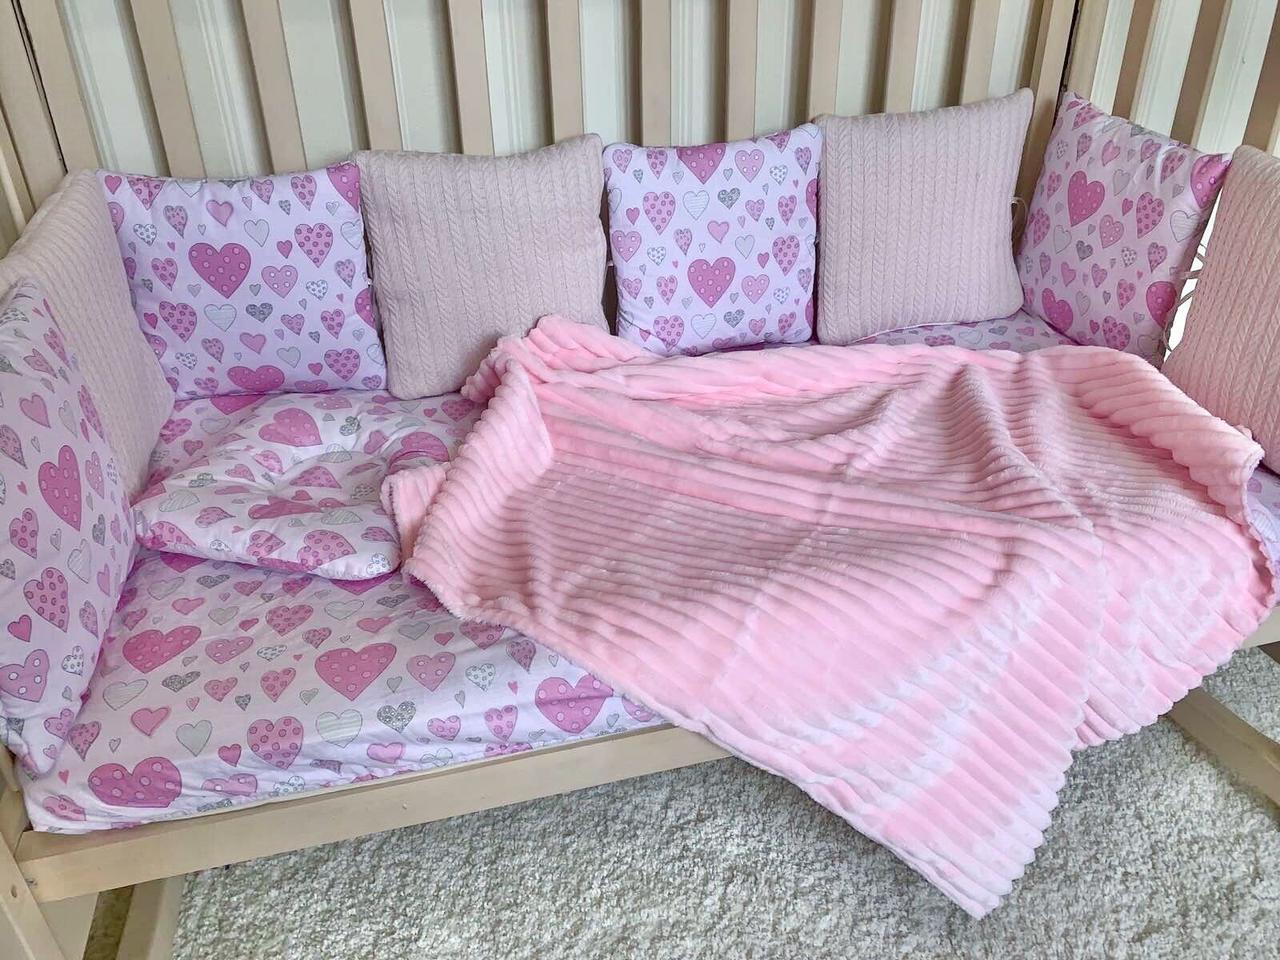 Набор бортики-подушки в кроватку 30x30см на 4 стороны Розовые Сердечки